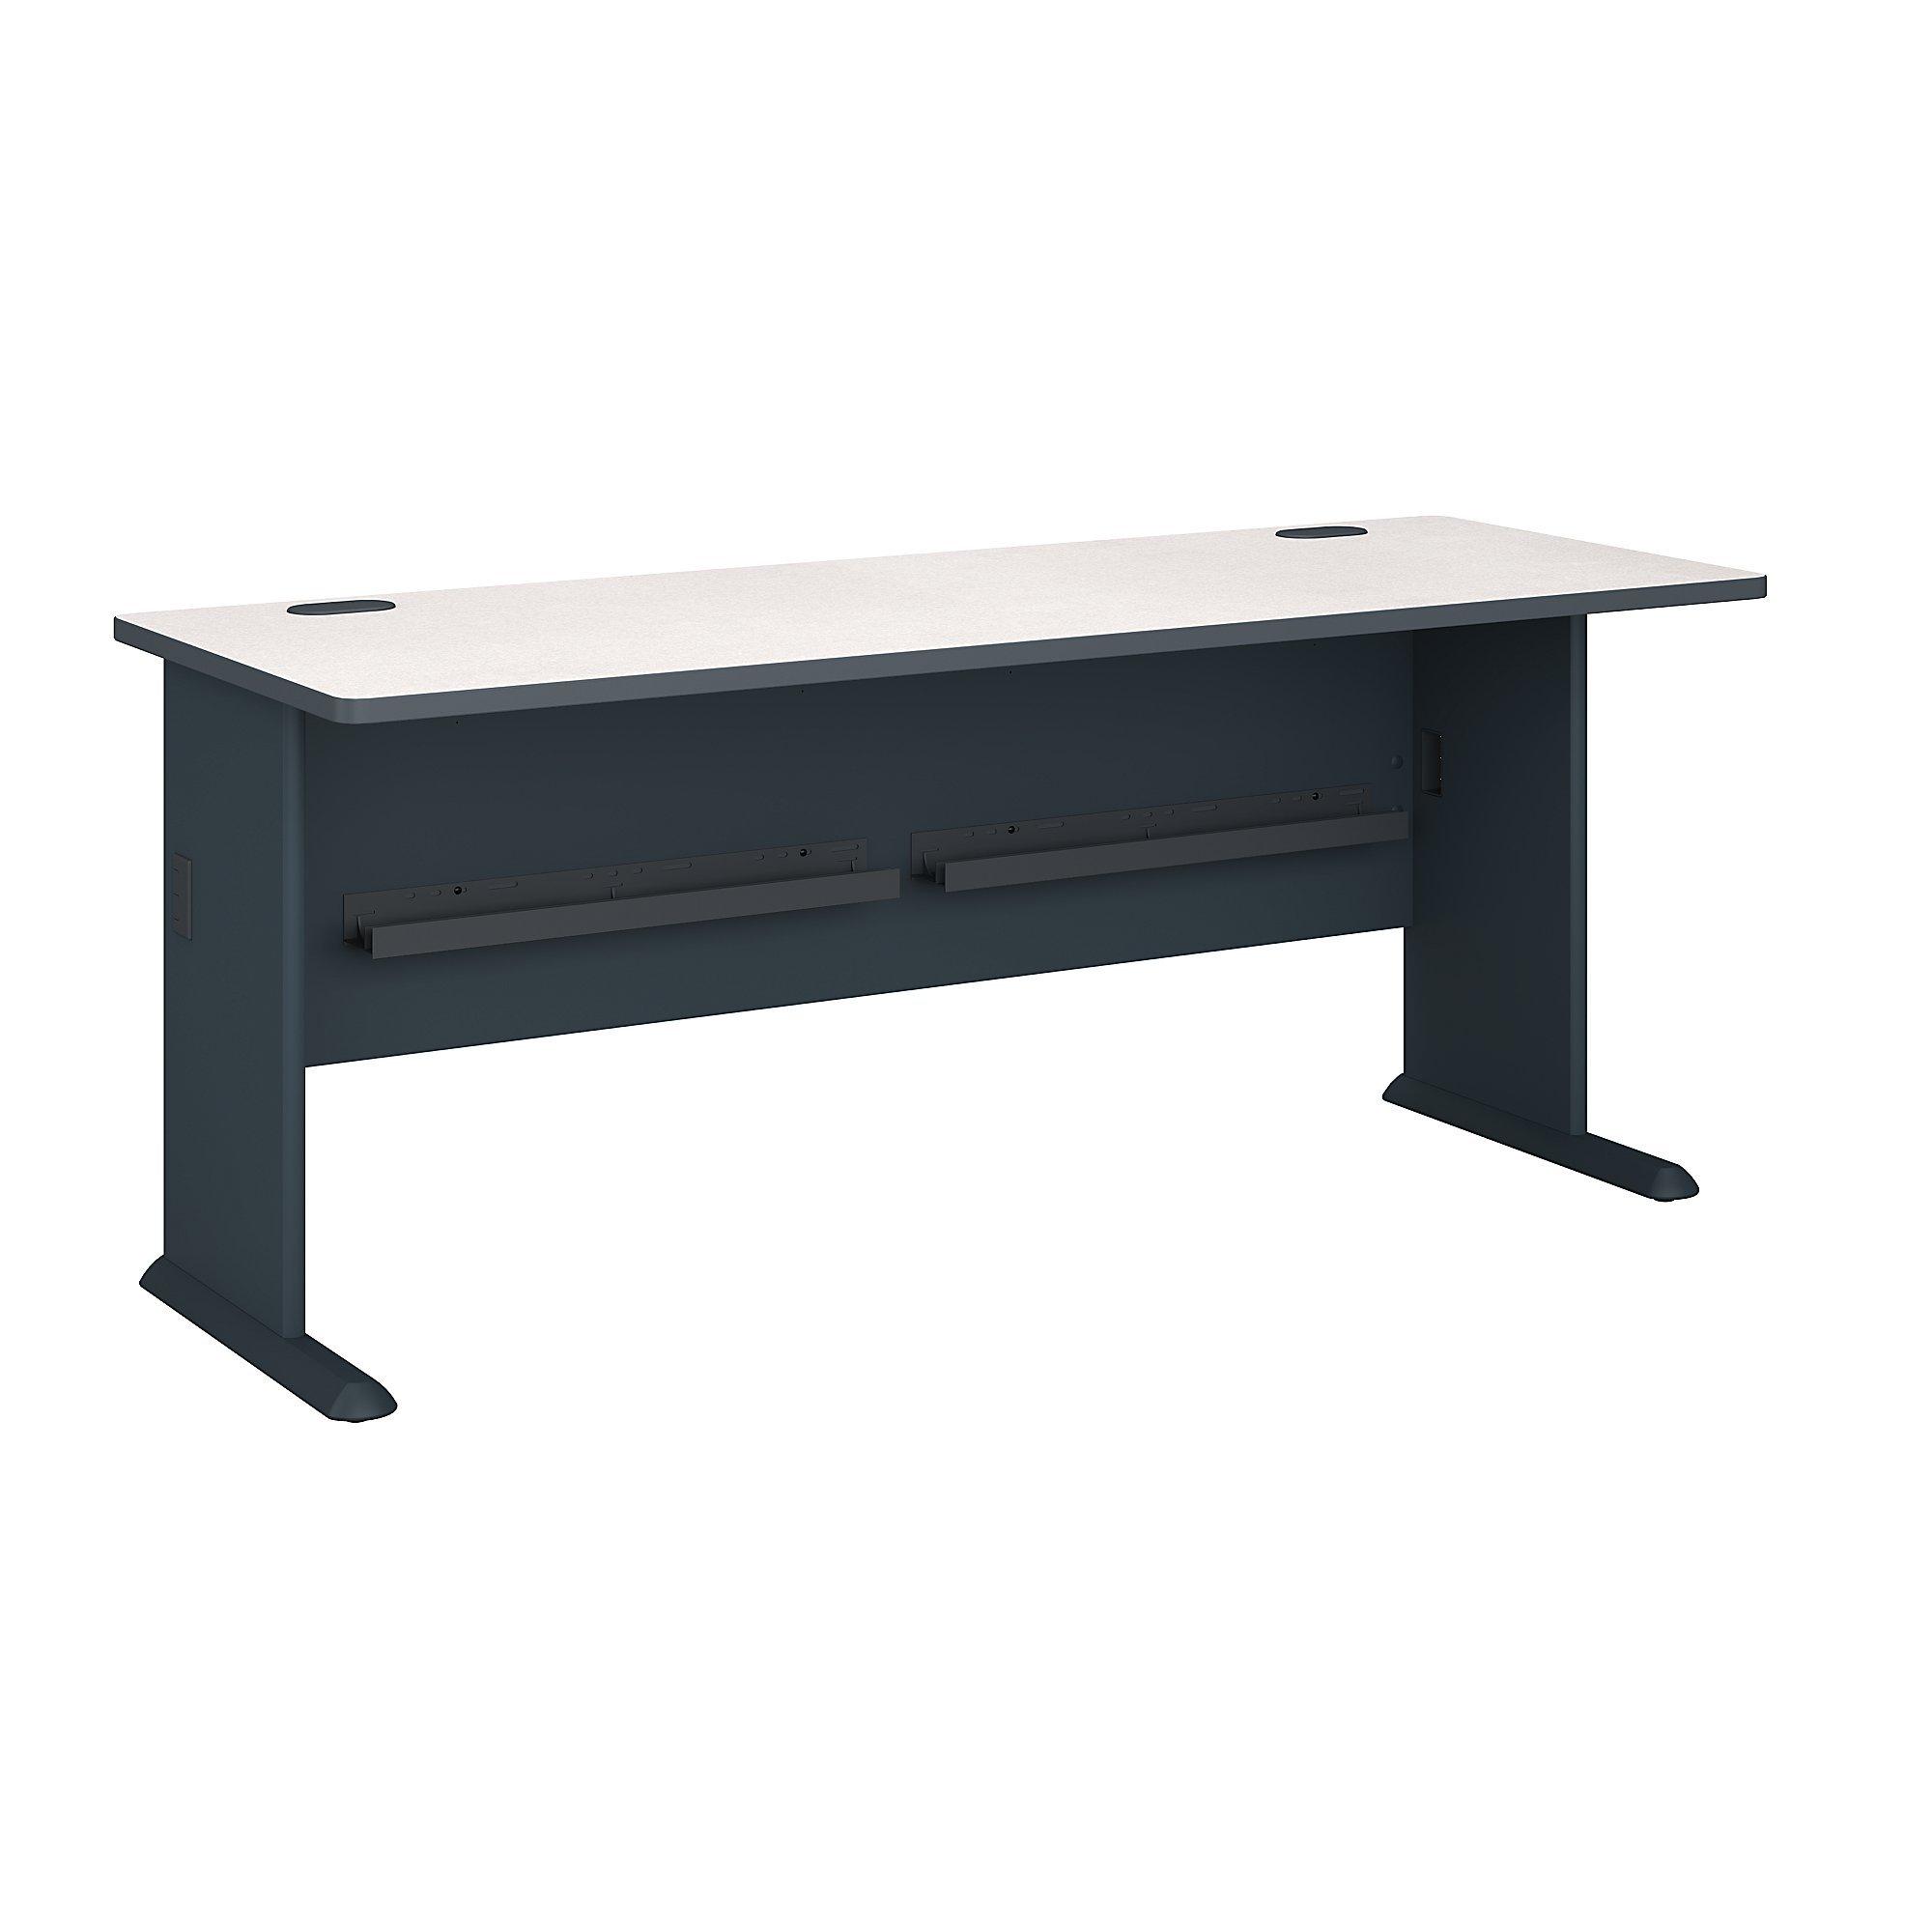 Bush Business Furniture Series A 72W Desk in Slate and White Spectrum by Bush Business Furniture